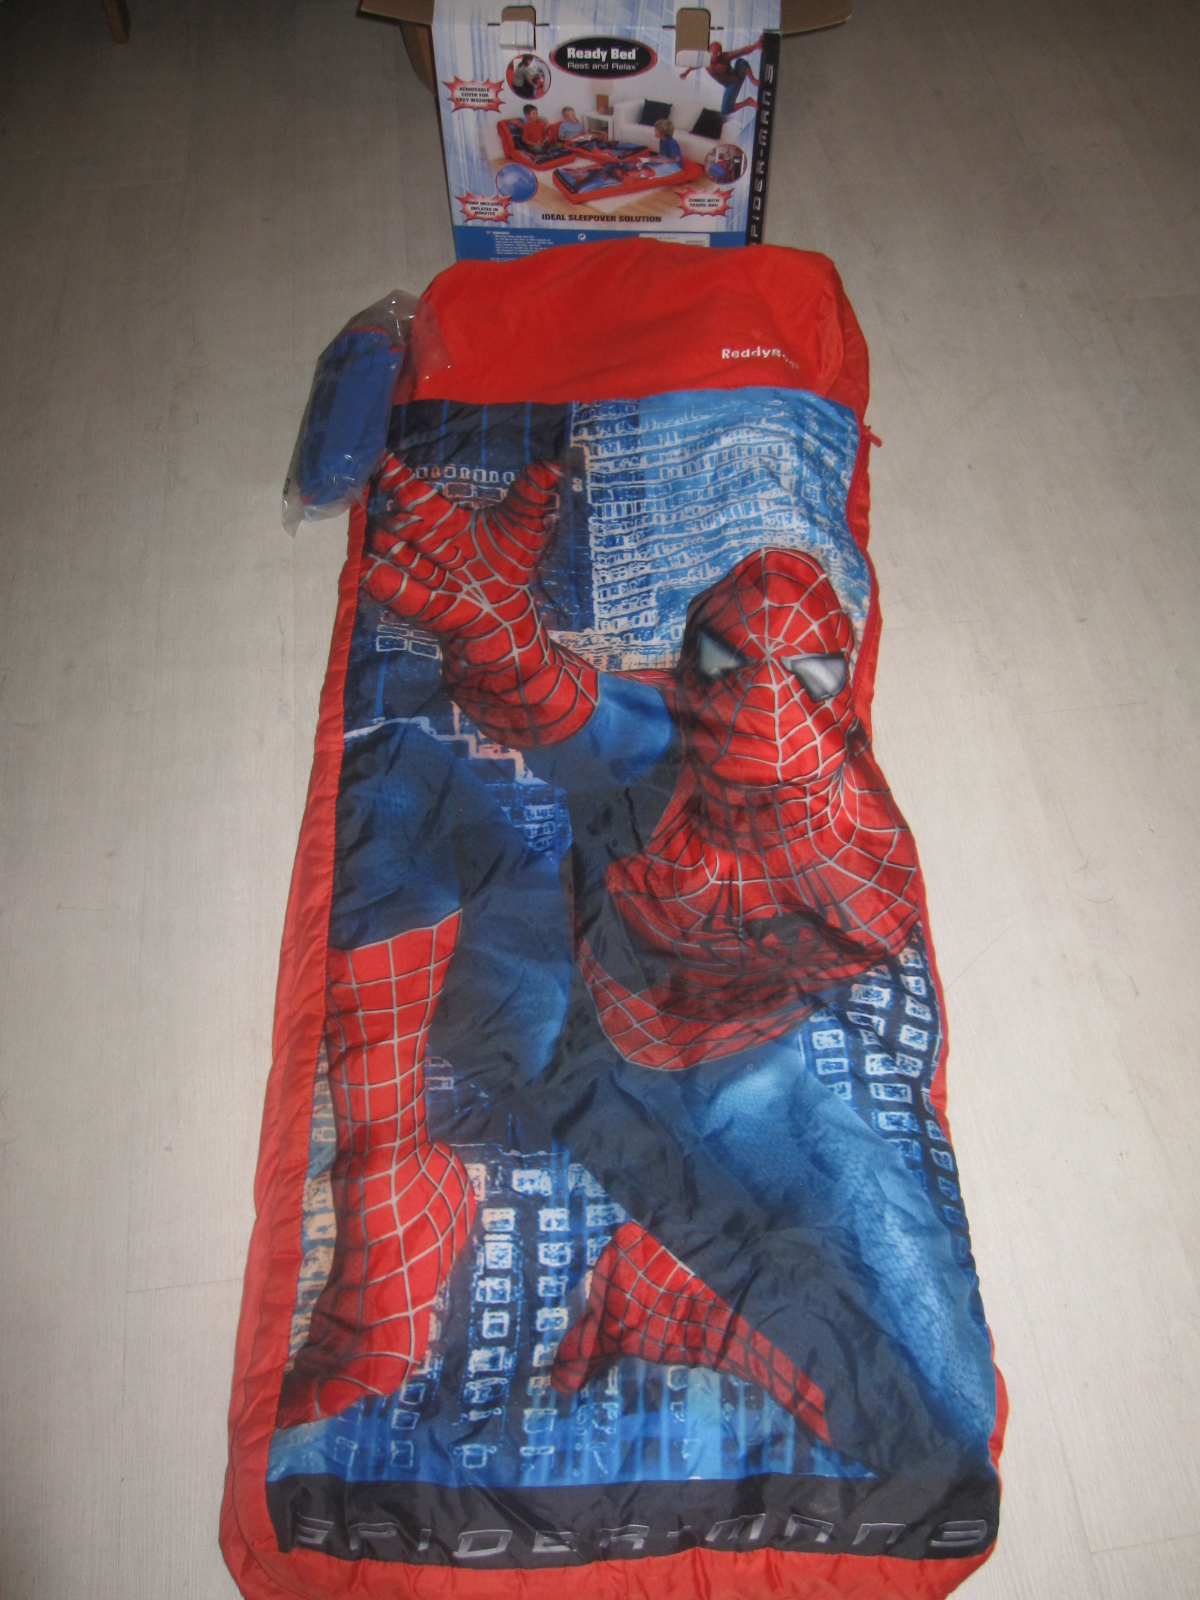 Ready bed sac de couchage avec matelas int gr aukazoo - Sac de couchage avec matelas gonflable integre ...